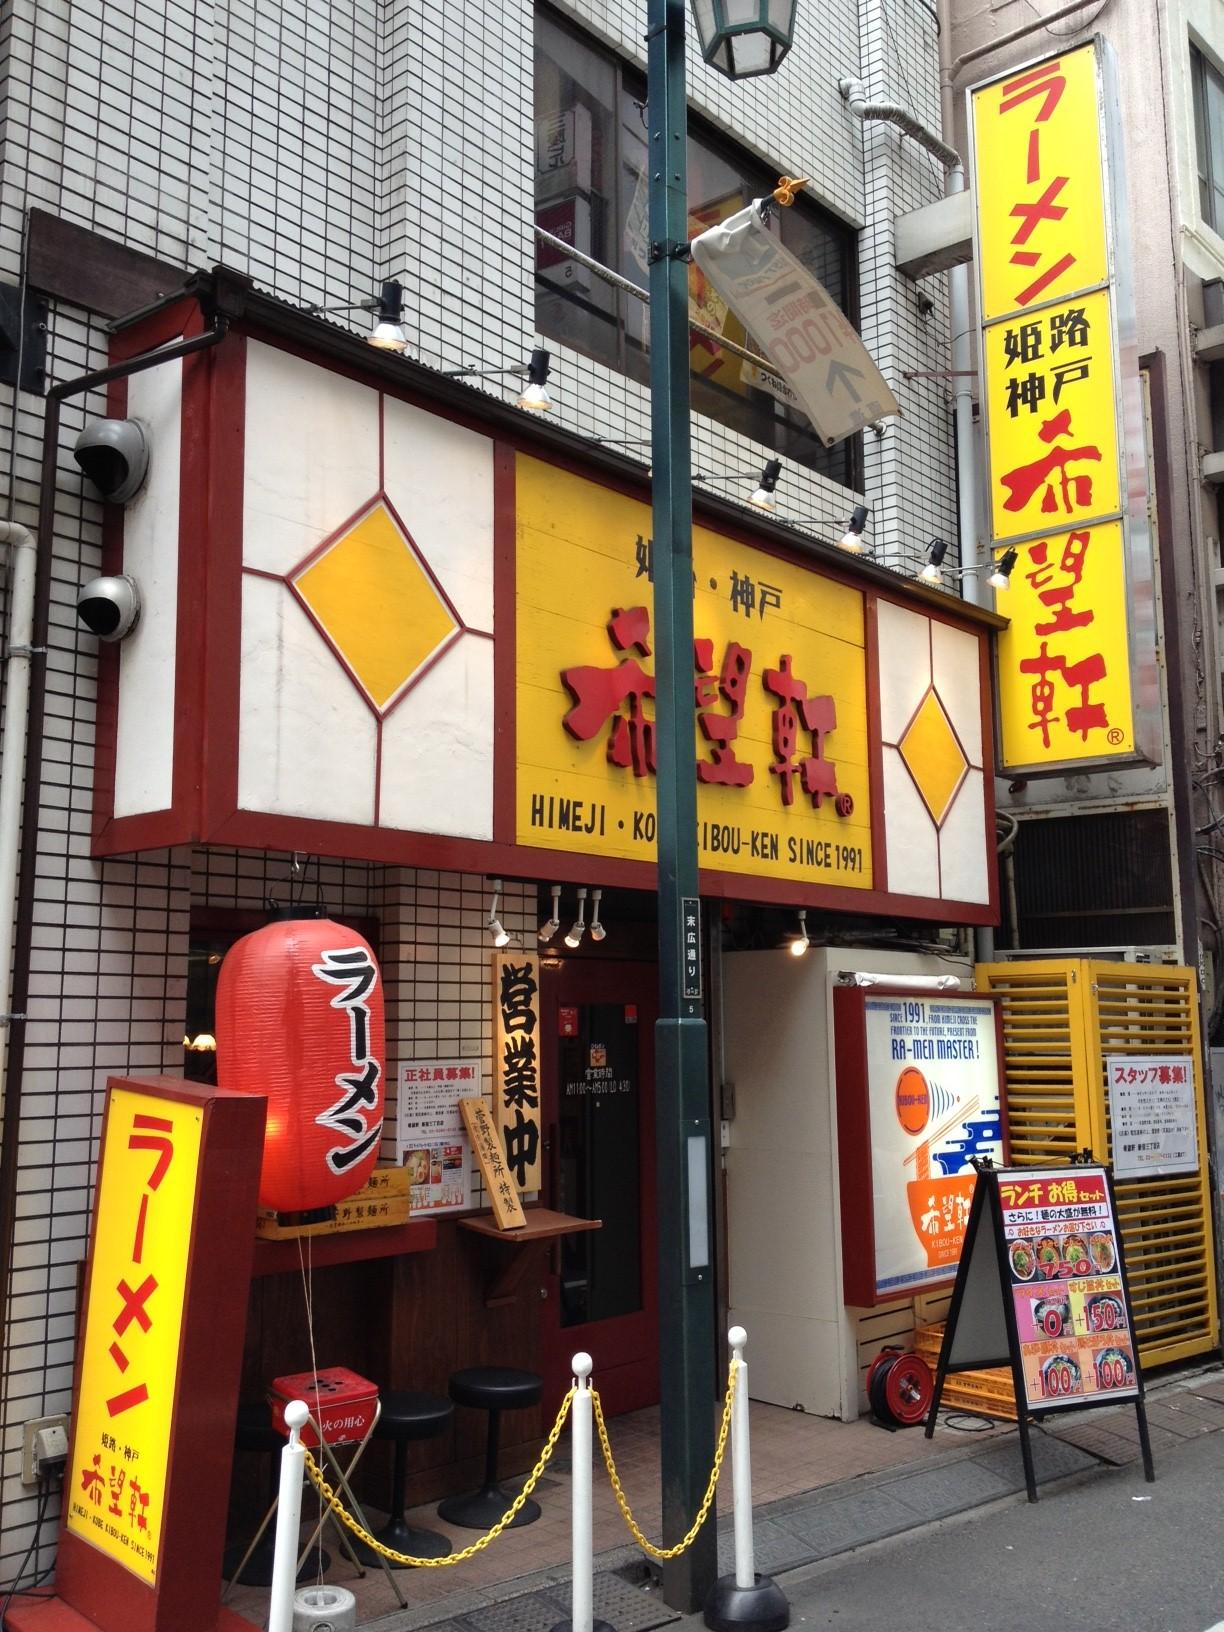 [토쿄]키보우켄 신주쿠 3초메점 -希望軒 新宿3丁目店-